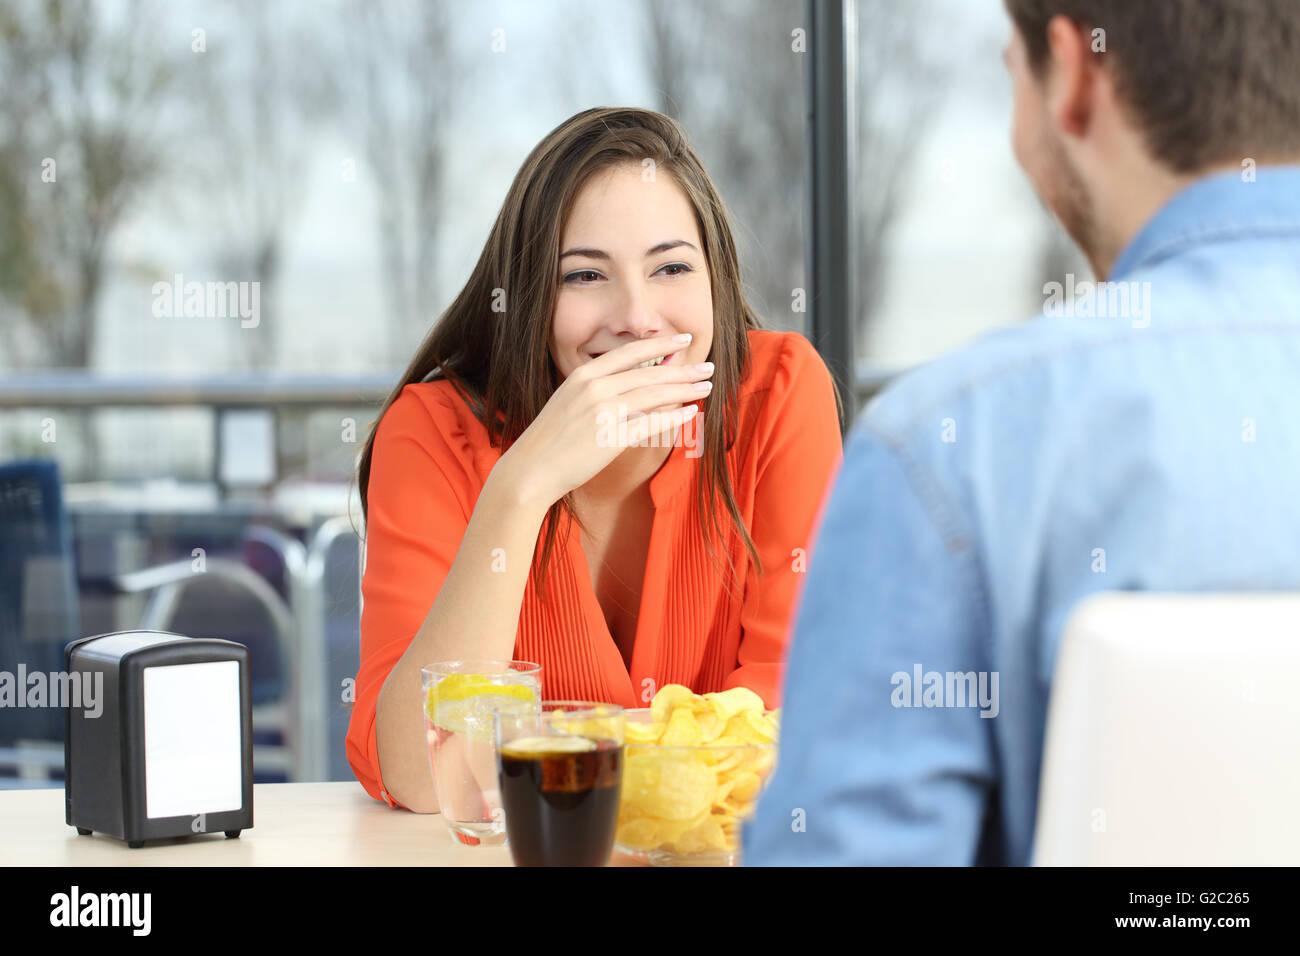 Femme couvrant sa bouche pour cacher sourire ou mauvaise haleine pendant une date dans un café avec une fenêtre Photo Stock